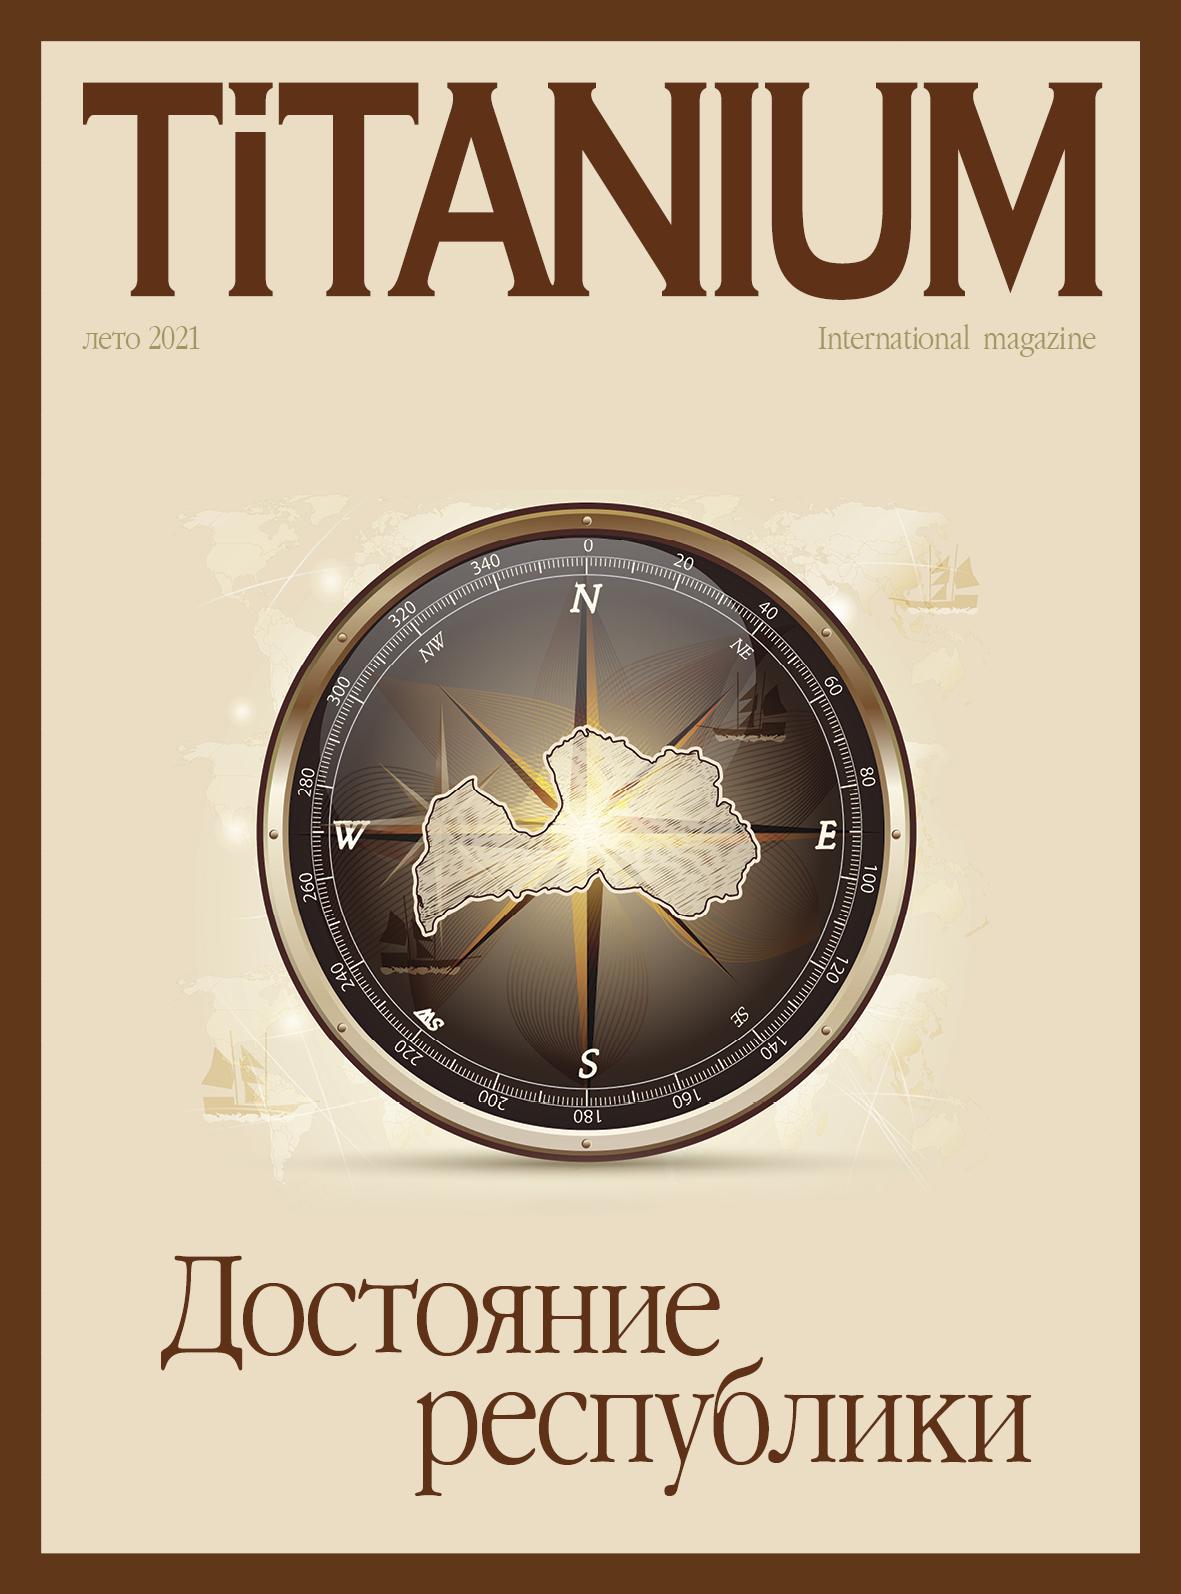 Titanium_53